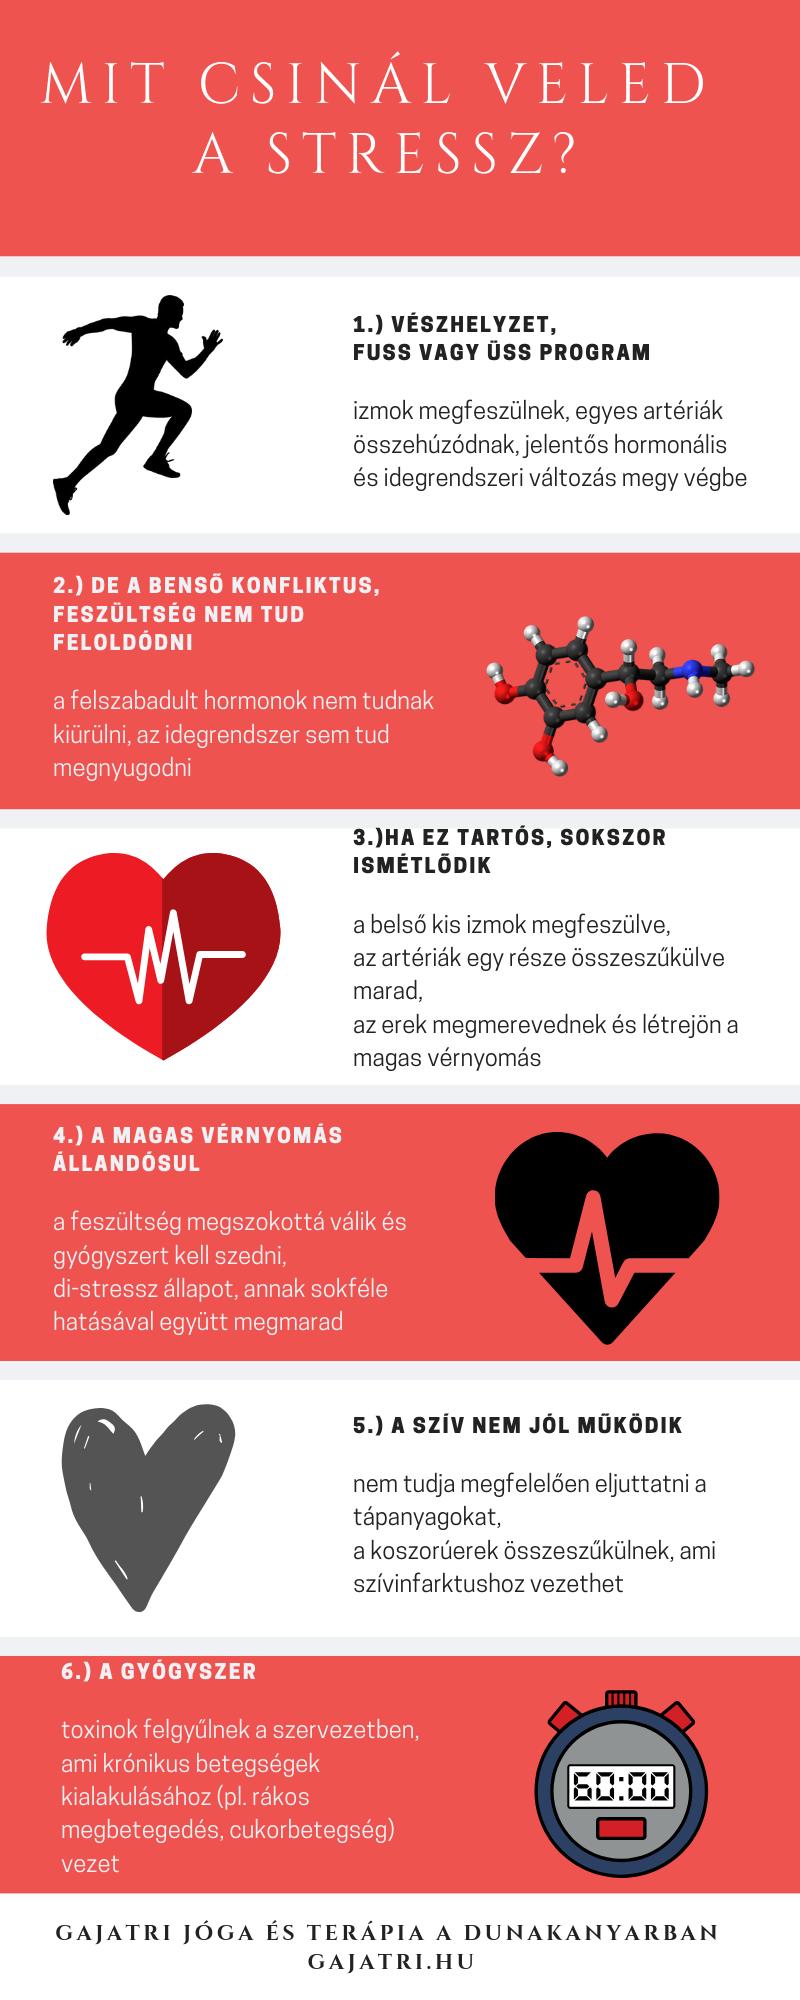 magas vérnyomás 3 fokos gyógyszerek kezelésre magas vérnyomás 2 fok férfiaknál